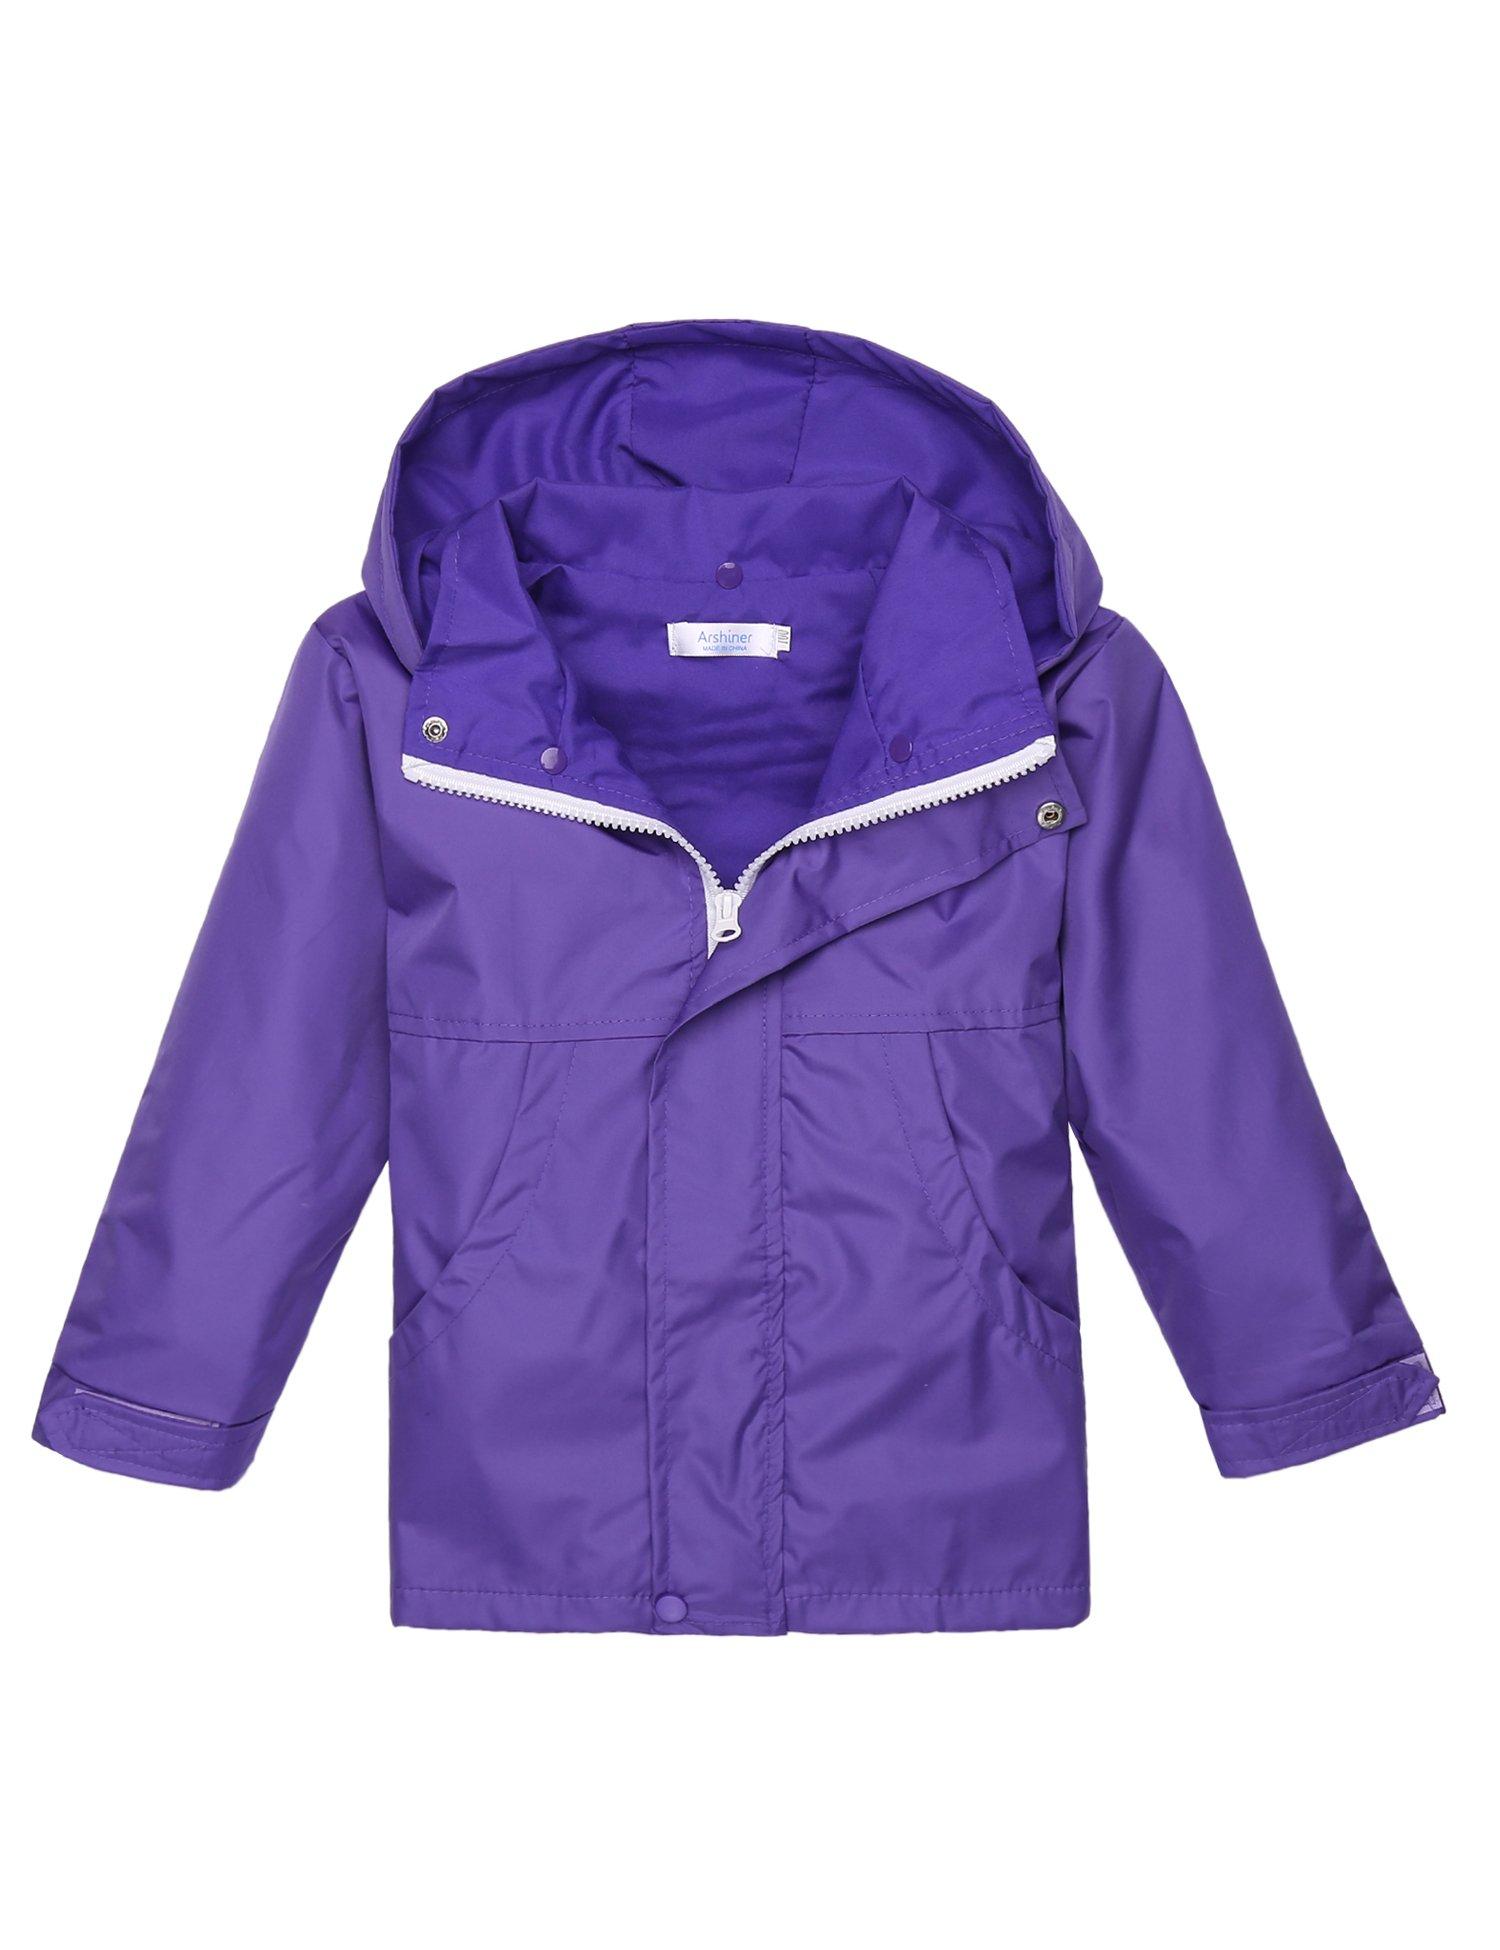 Arshiner Girls Waterproof Raincoats Kids Hooded Rain Jacket Lavender 140